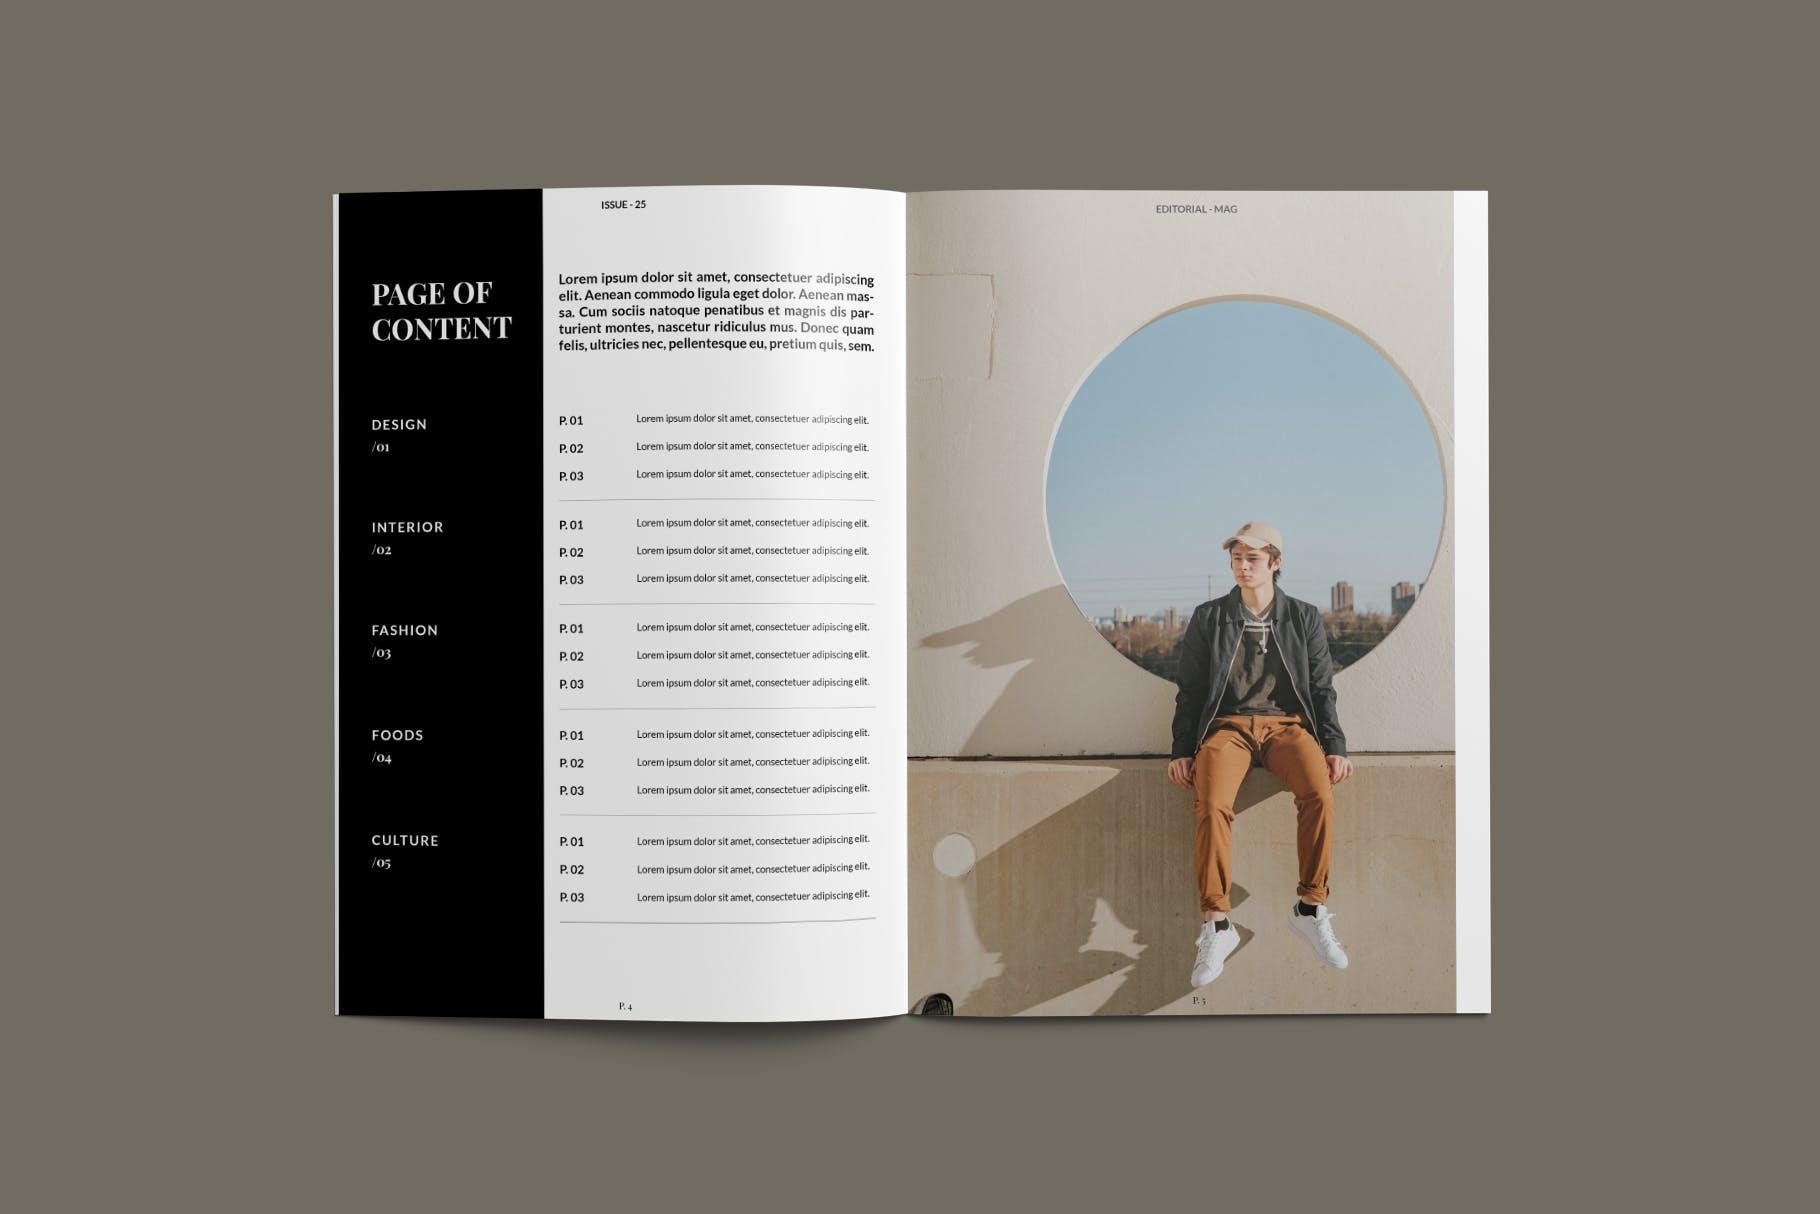 现代时尚摄影作品集设计画册INDD模板 Magazine Template插图(4)